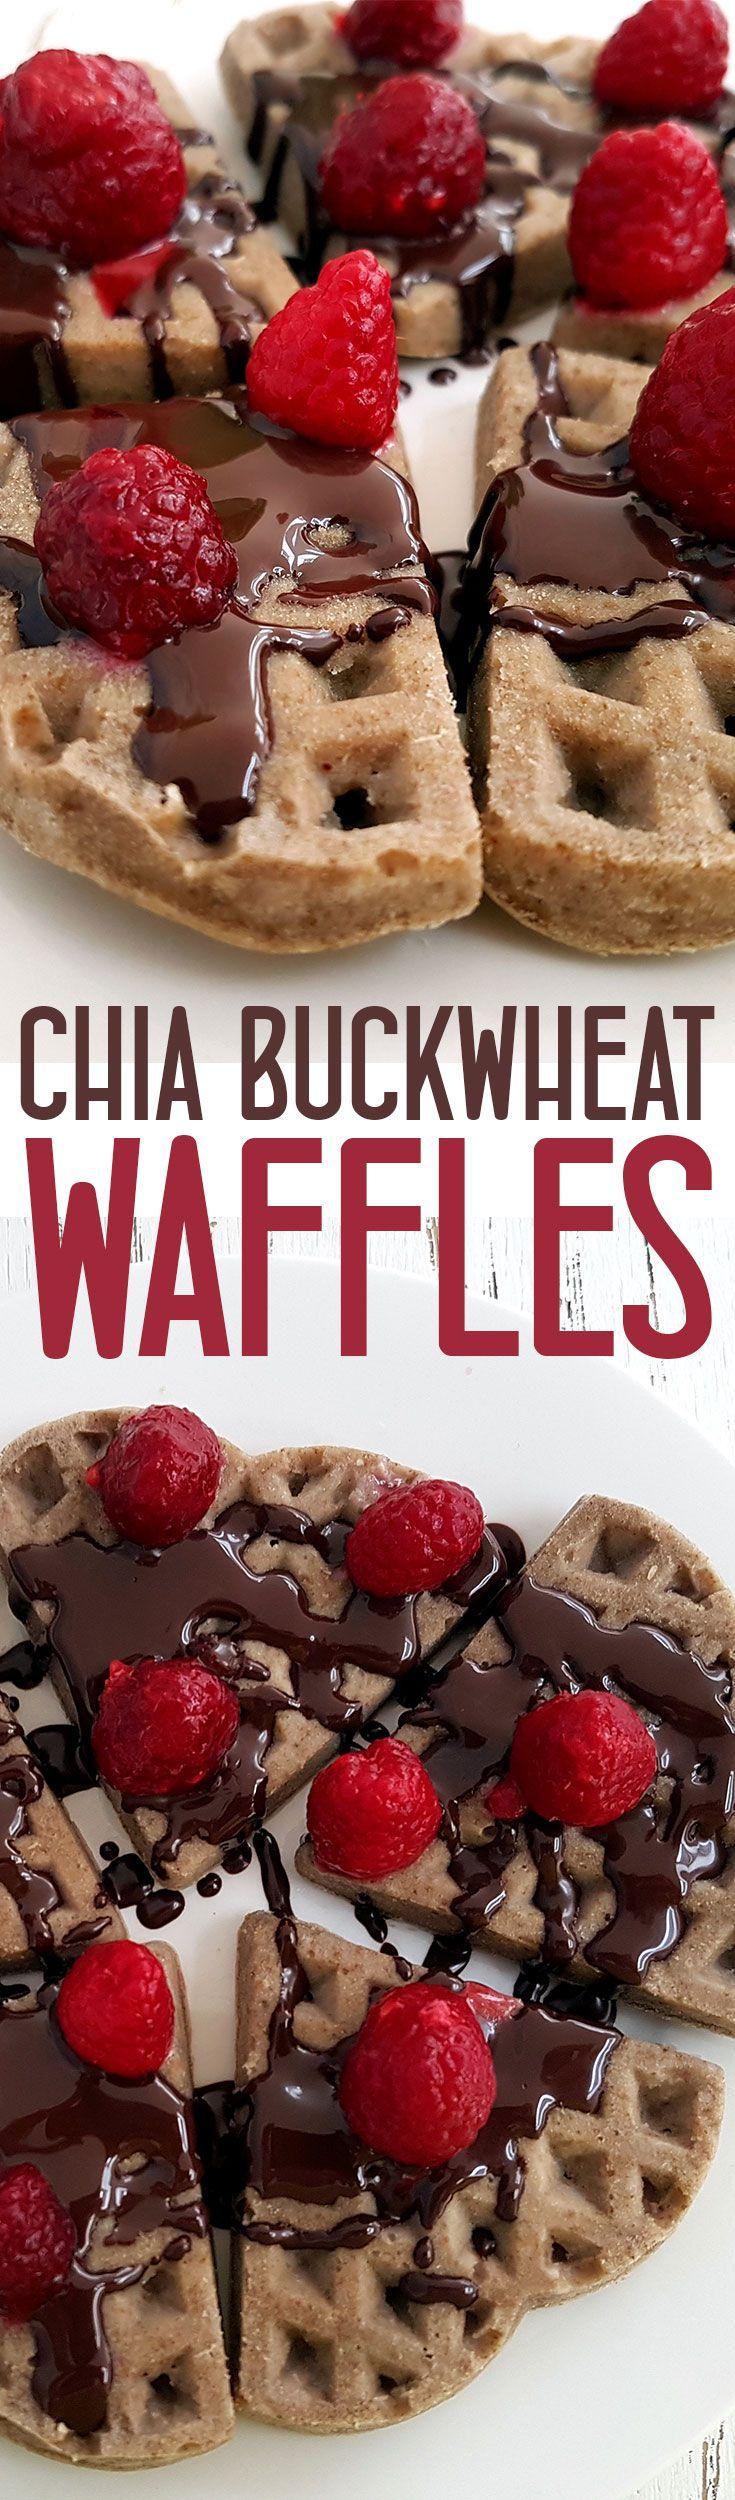 Chia Buckwheat Waffles with Berries and Chocolate - Vegan and gluten free via @nestandglow